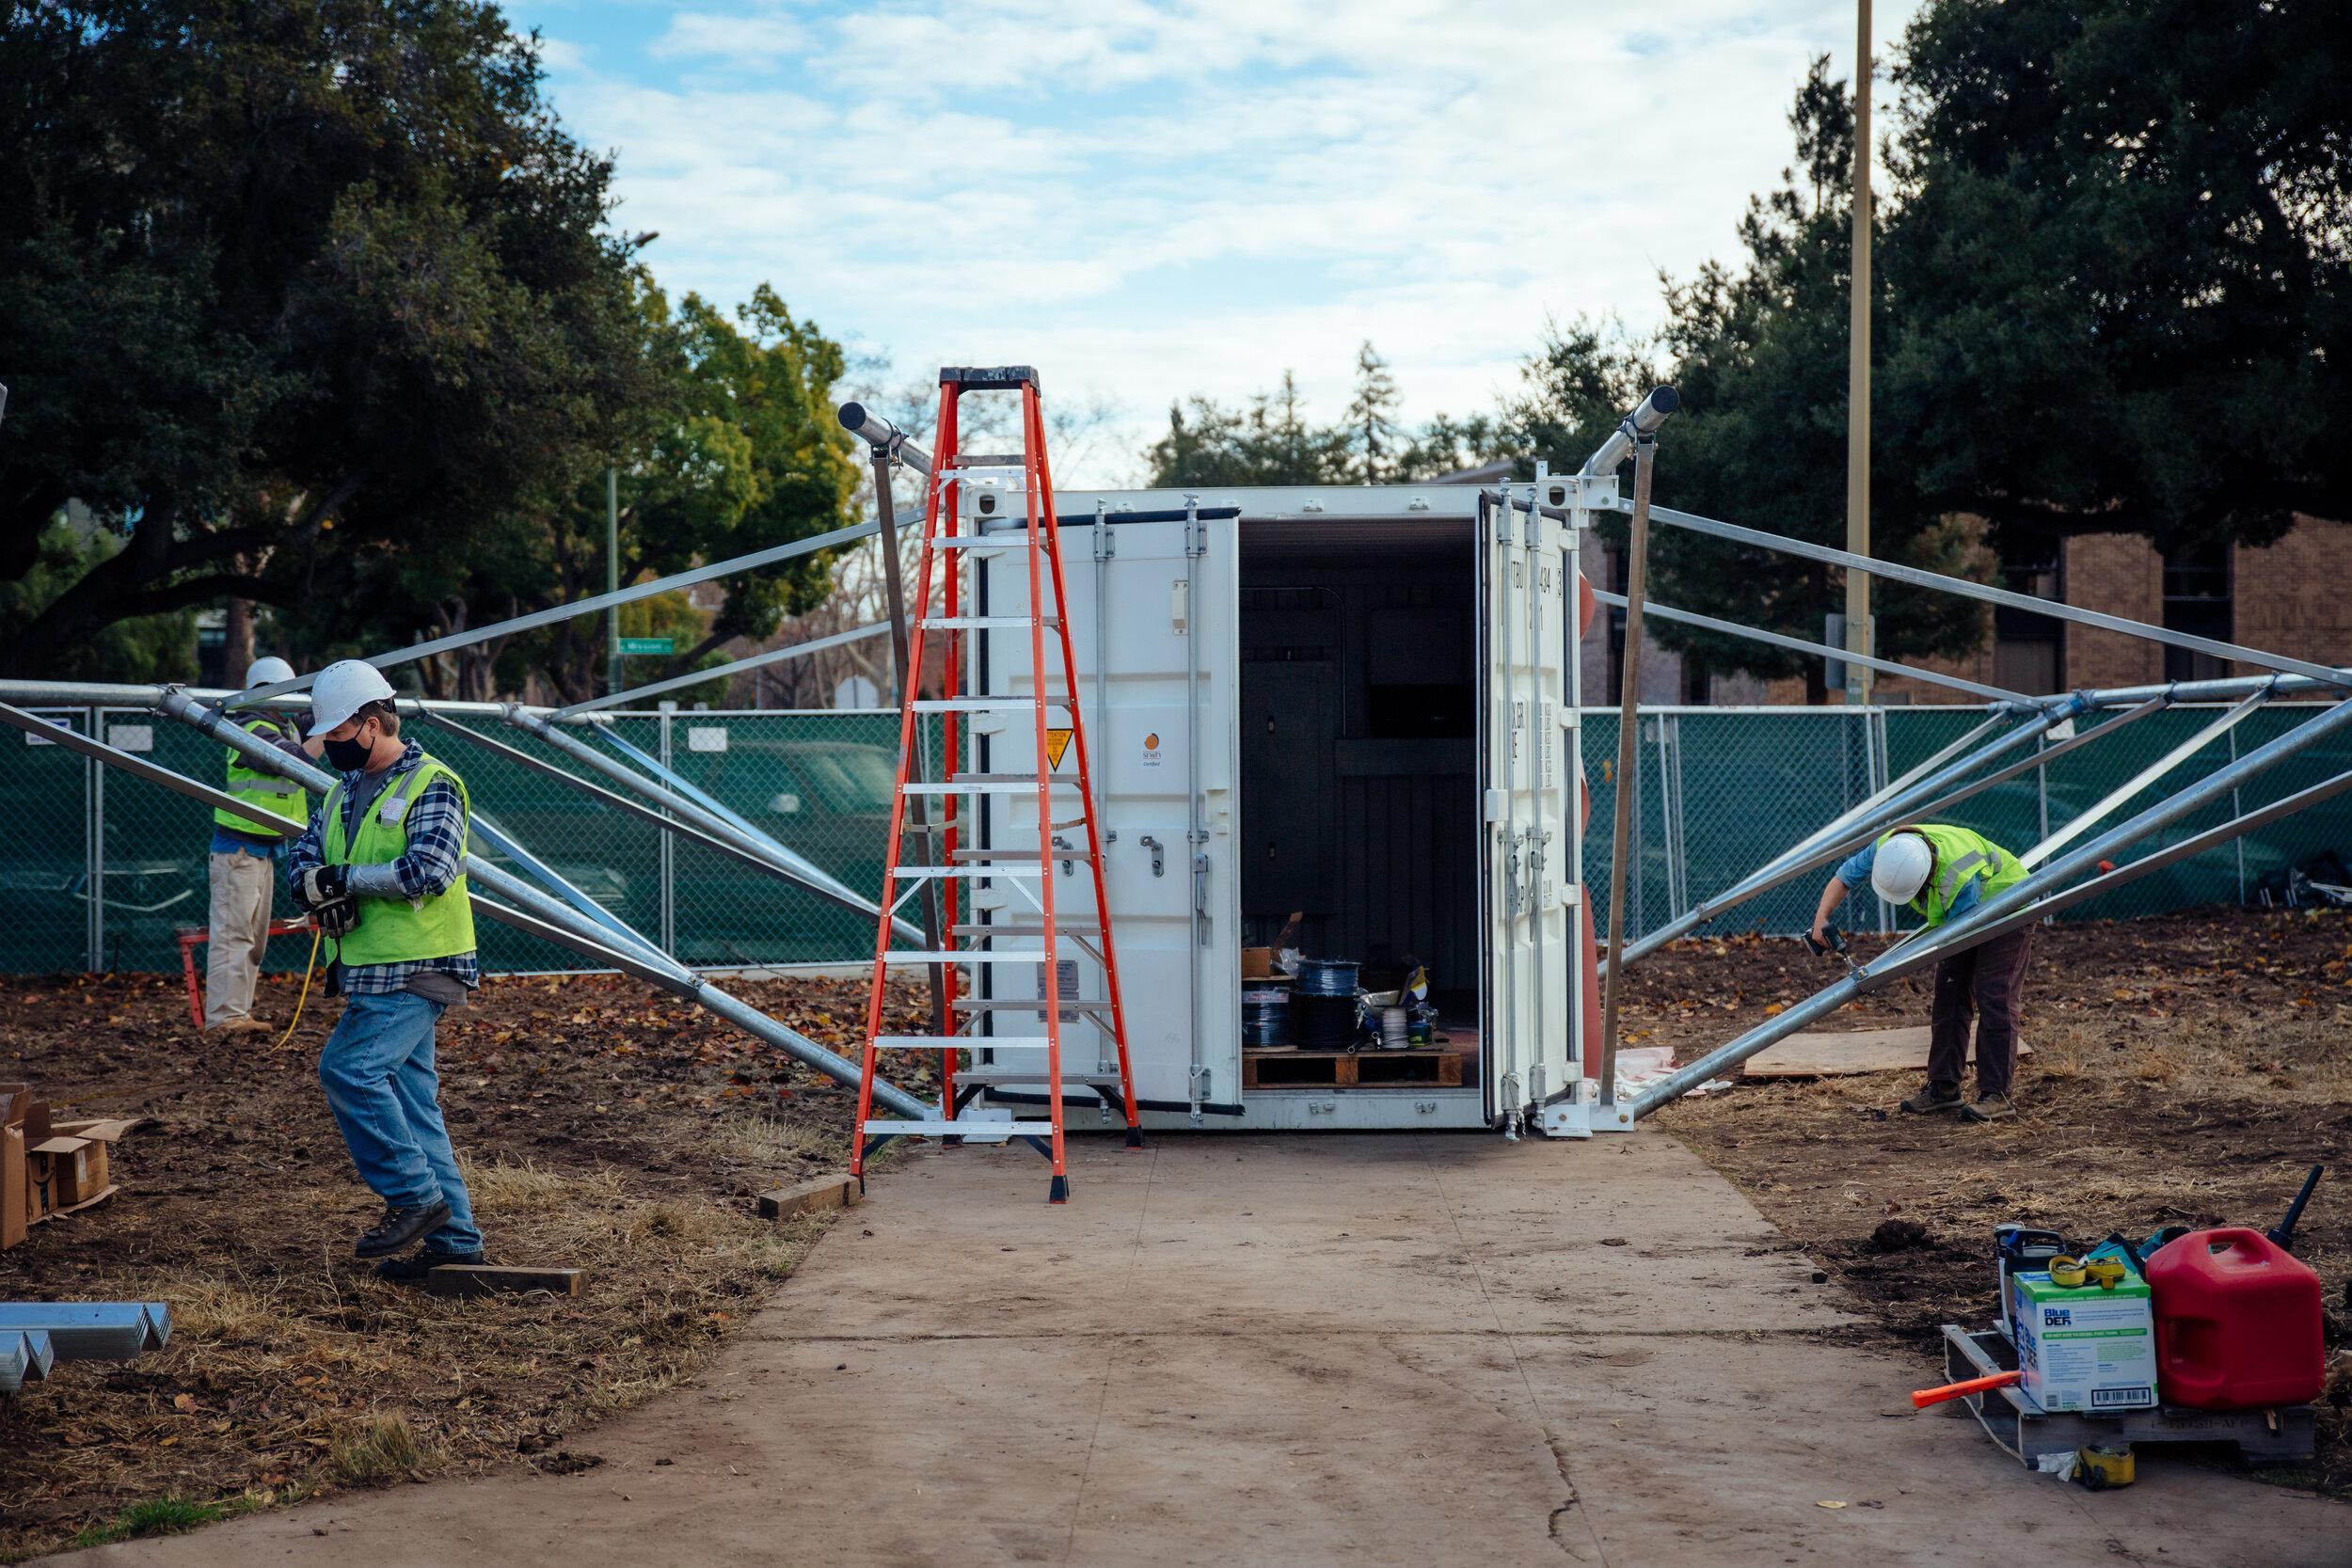 BoxPower crews install the microgrid at Casitas de Esperanza in San Jose. Photo courtesy BoxPower